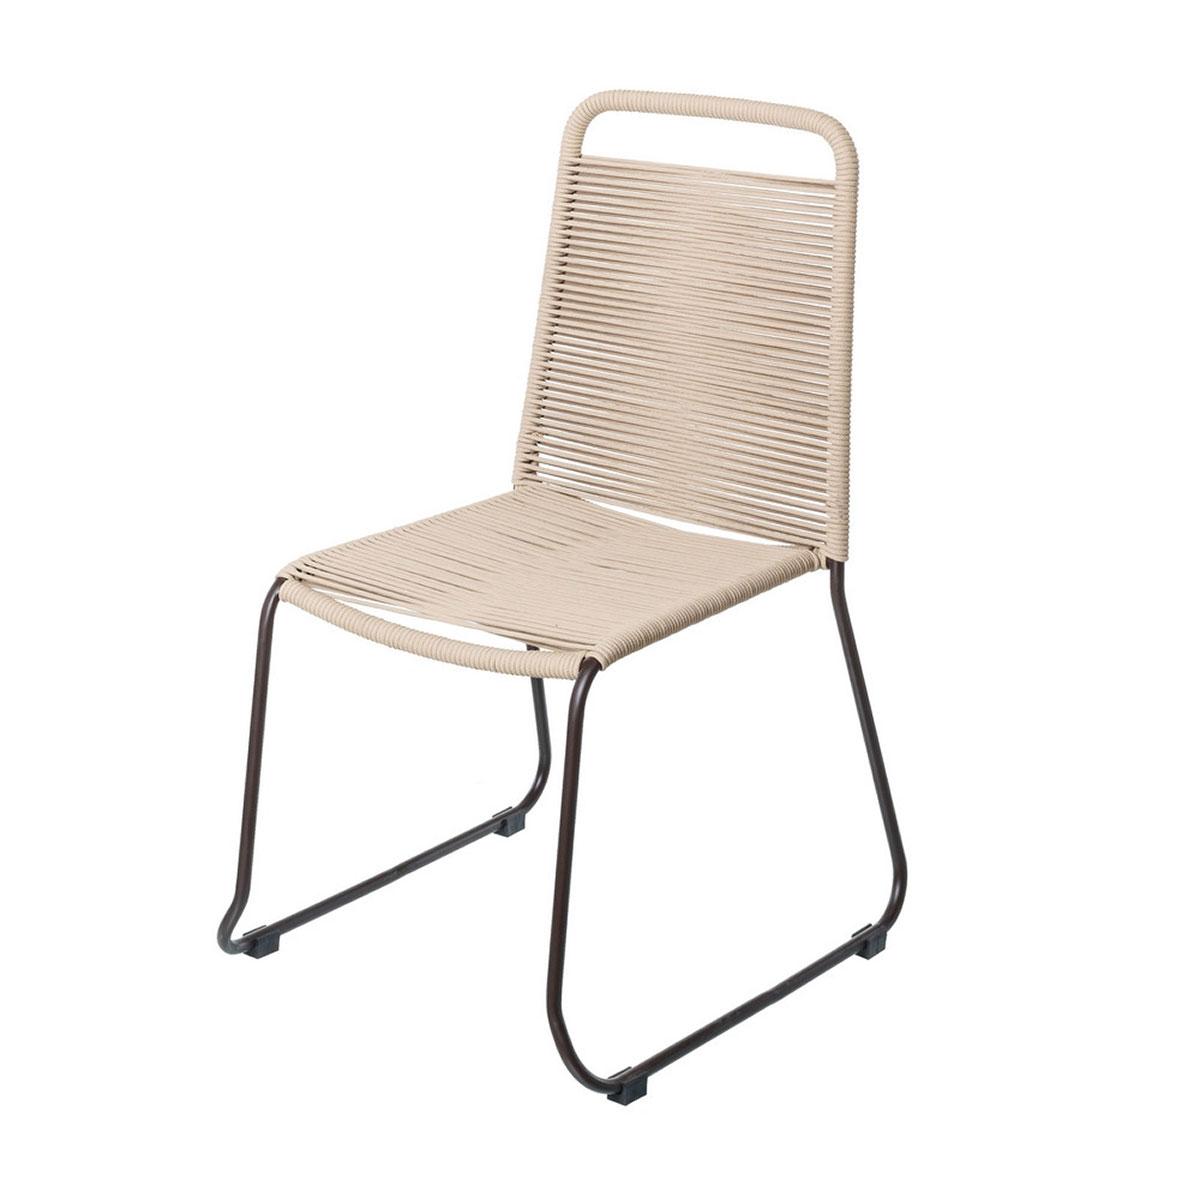 Chaise empilable en corde et acier - Beige - 53.00 cm x 53.00 cm x 88.00